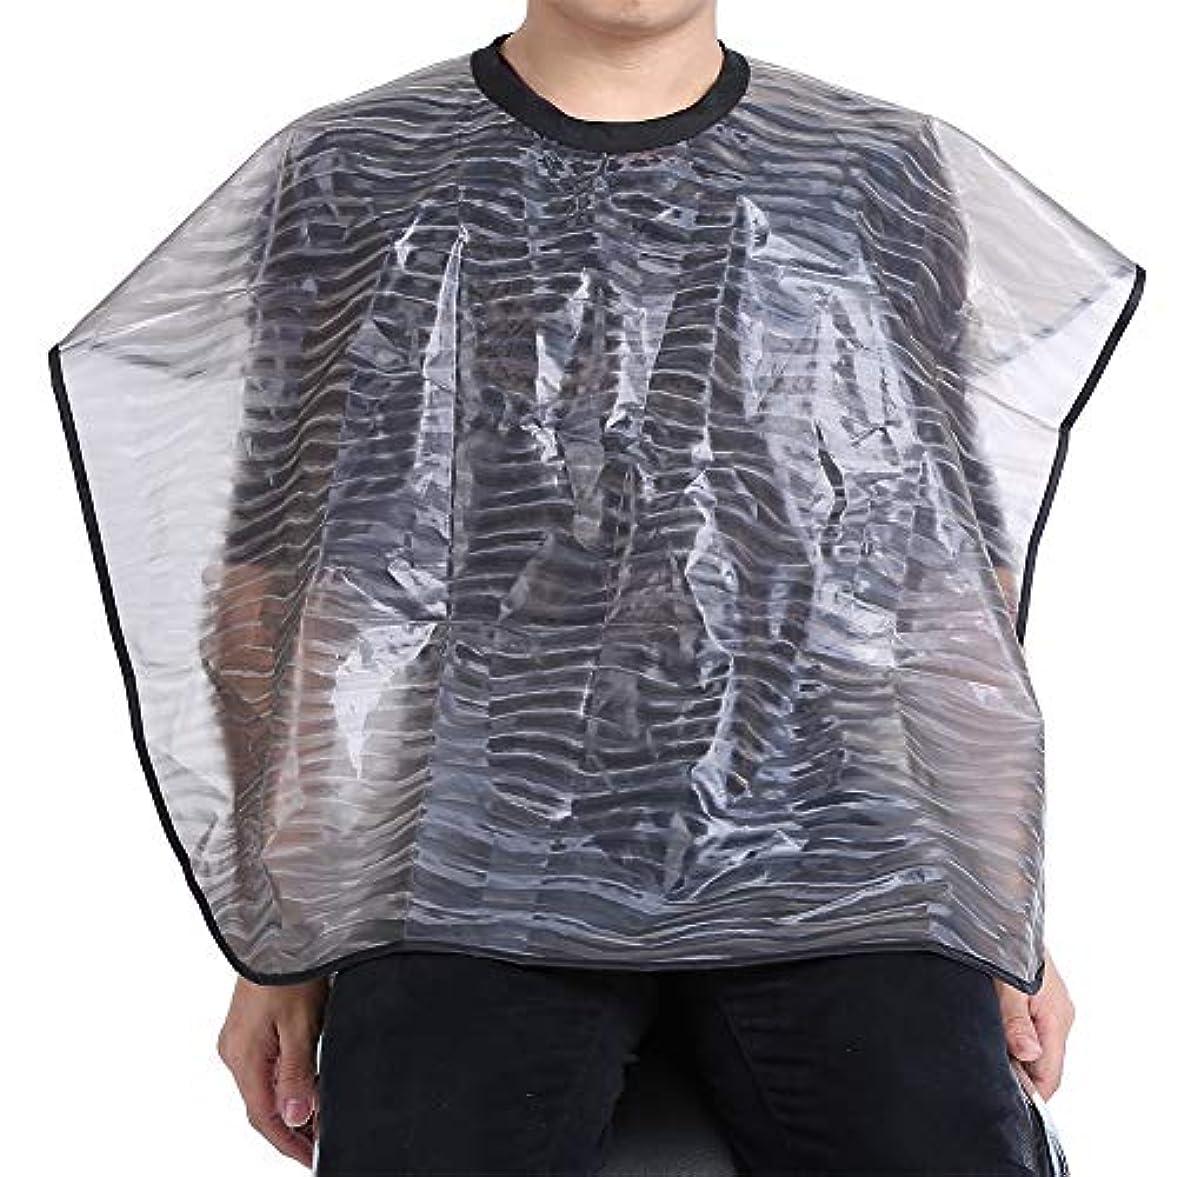 昇る提案するマーケティングRoteck 2サイズ防水再利用可能なサロン理髪布-耐久性のあるヘアスタイリストガウン理髪ケープ(01)